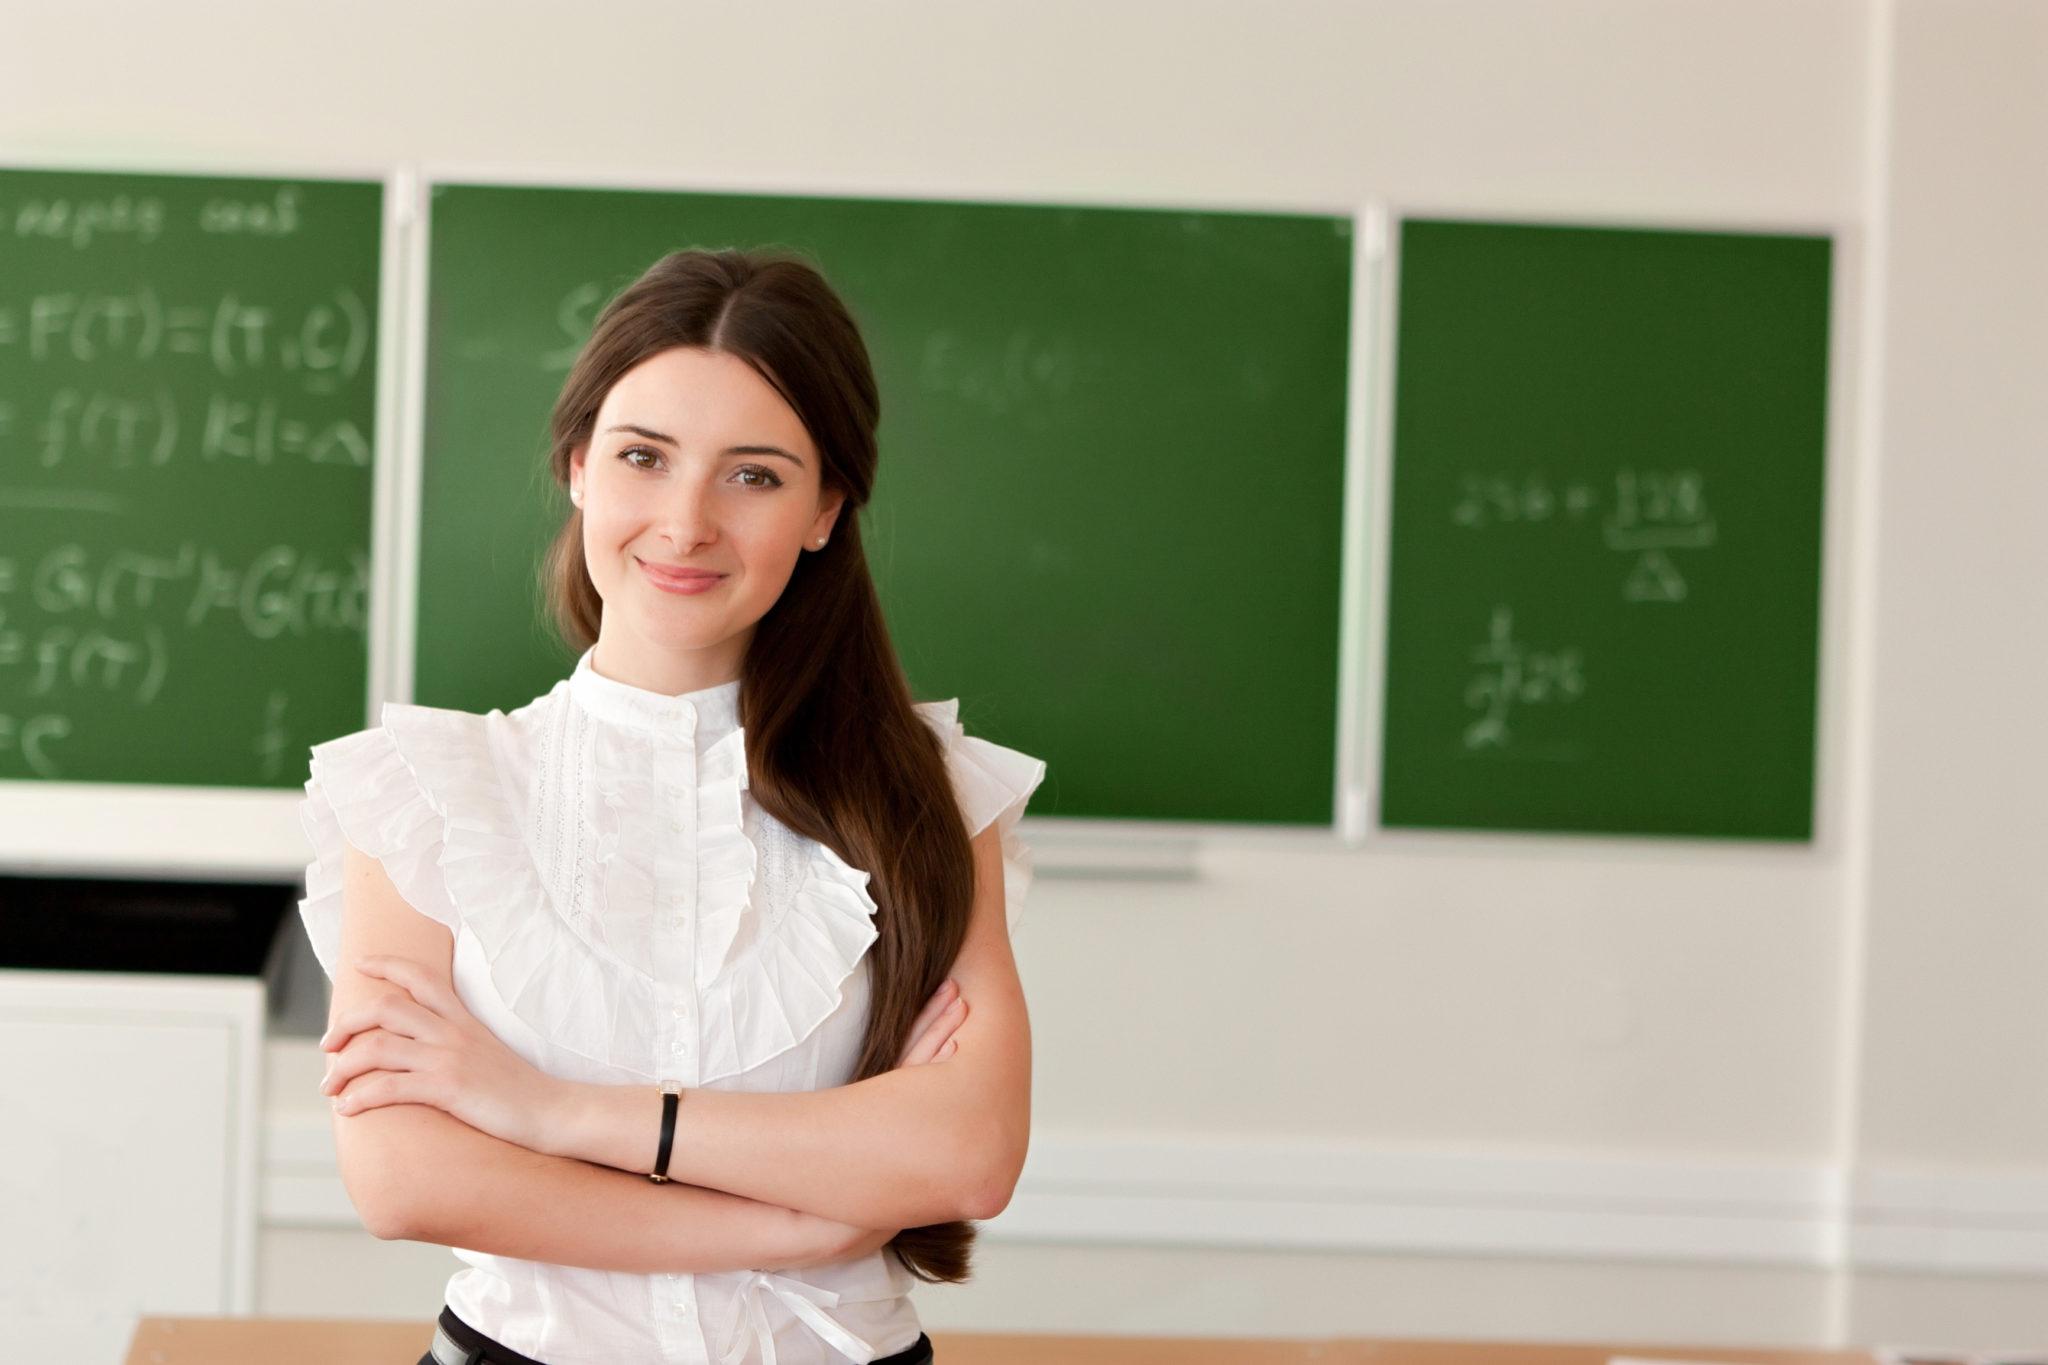 Nuevas Vacantes de profesor en Madri: Profesor de Inglés y profesor de Marketing. Encuentra tu vacante de profesor y trabaja en Colegios con CVExpres